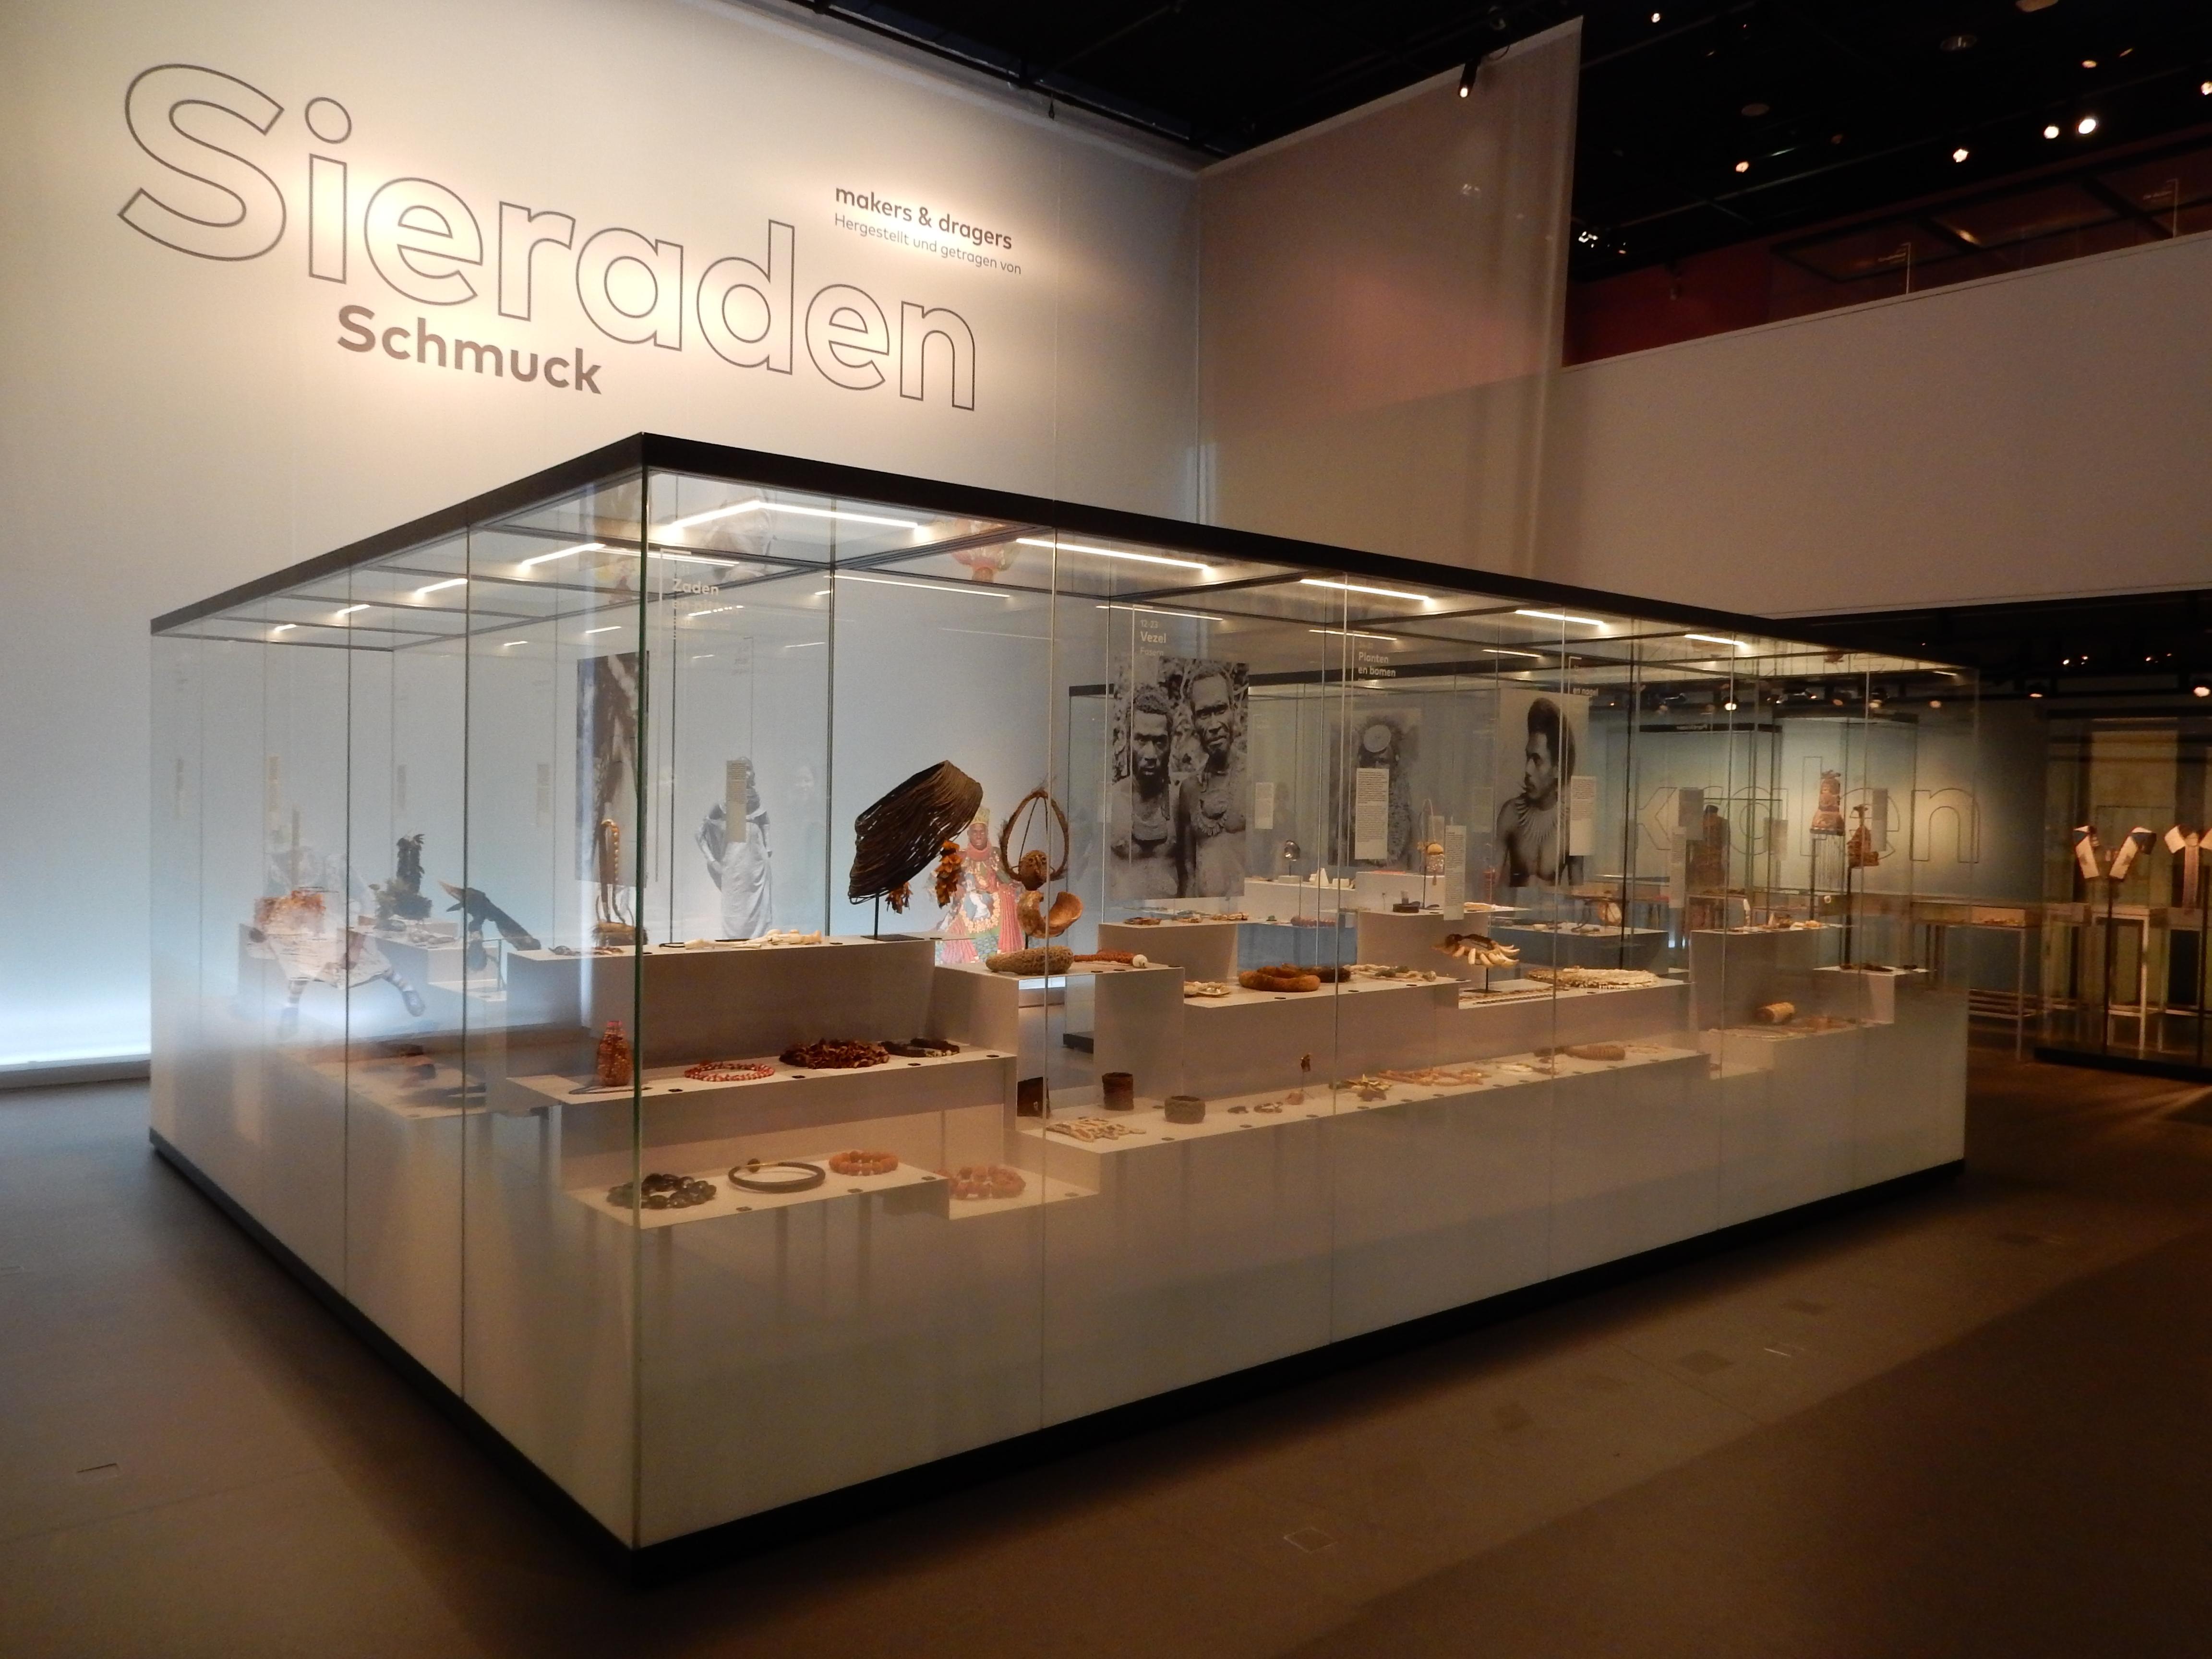 Sieraden, makers en dragers. Afrika Museum, Berg en Dal. Foto met dank aan Coert Peter Krabbe, 2018, CC BY 4.0